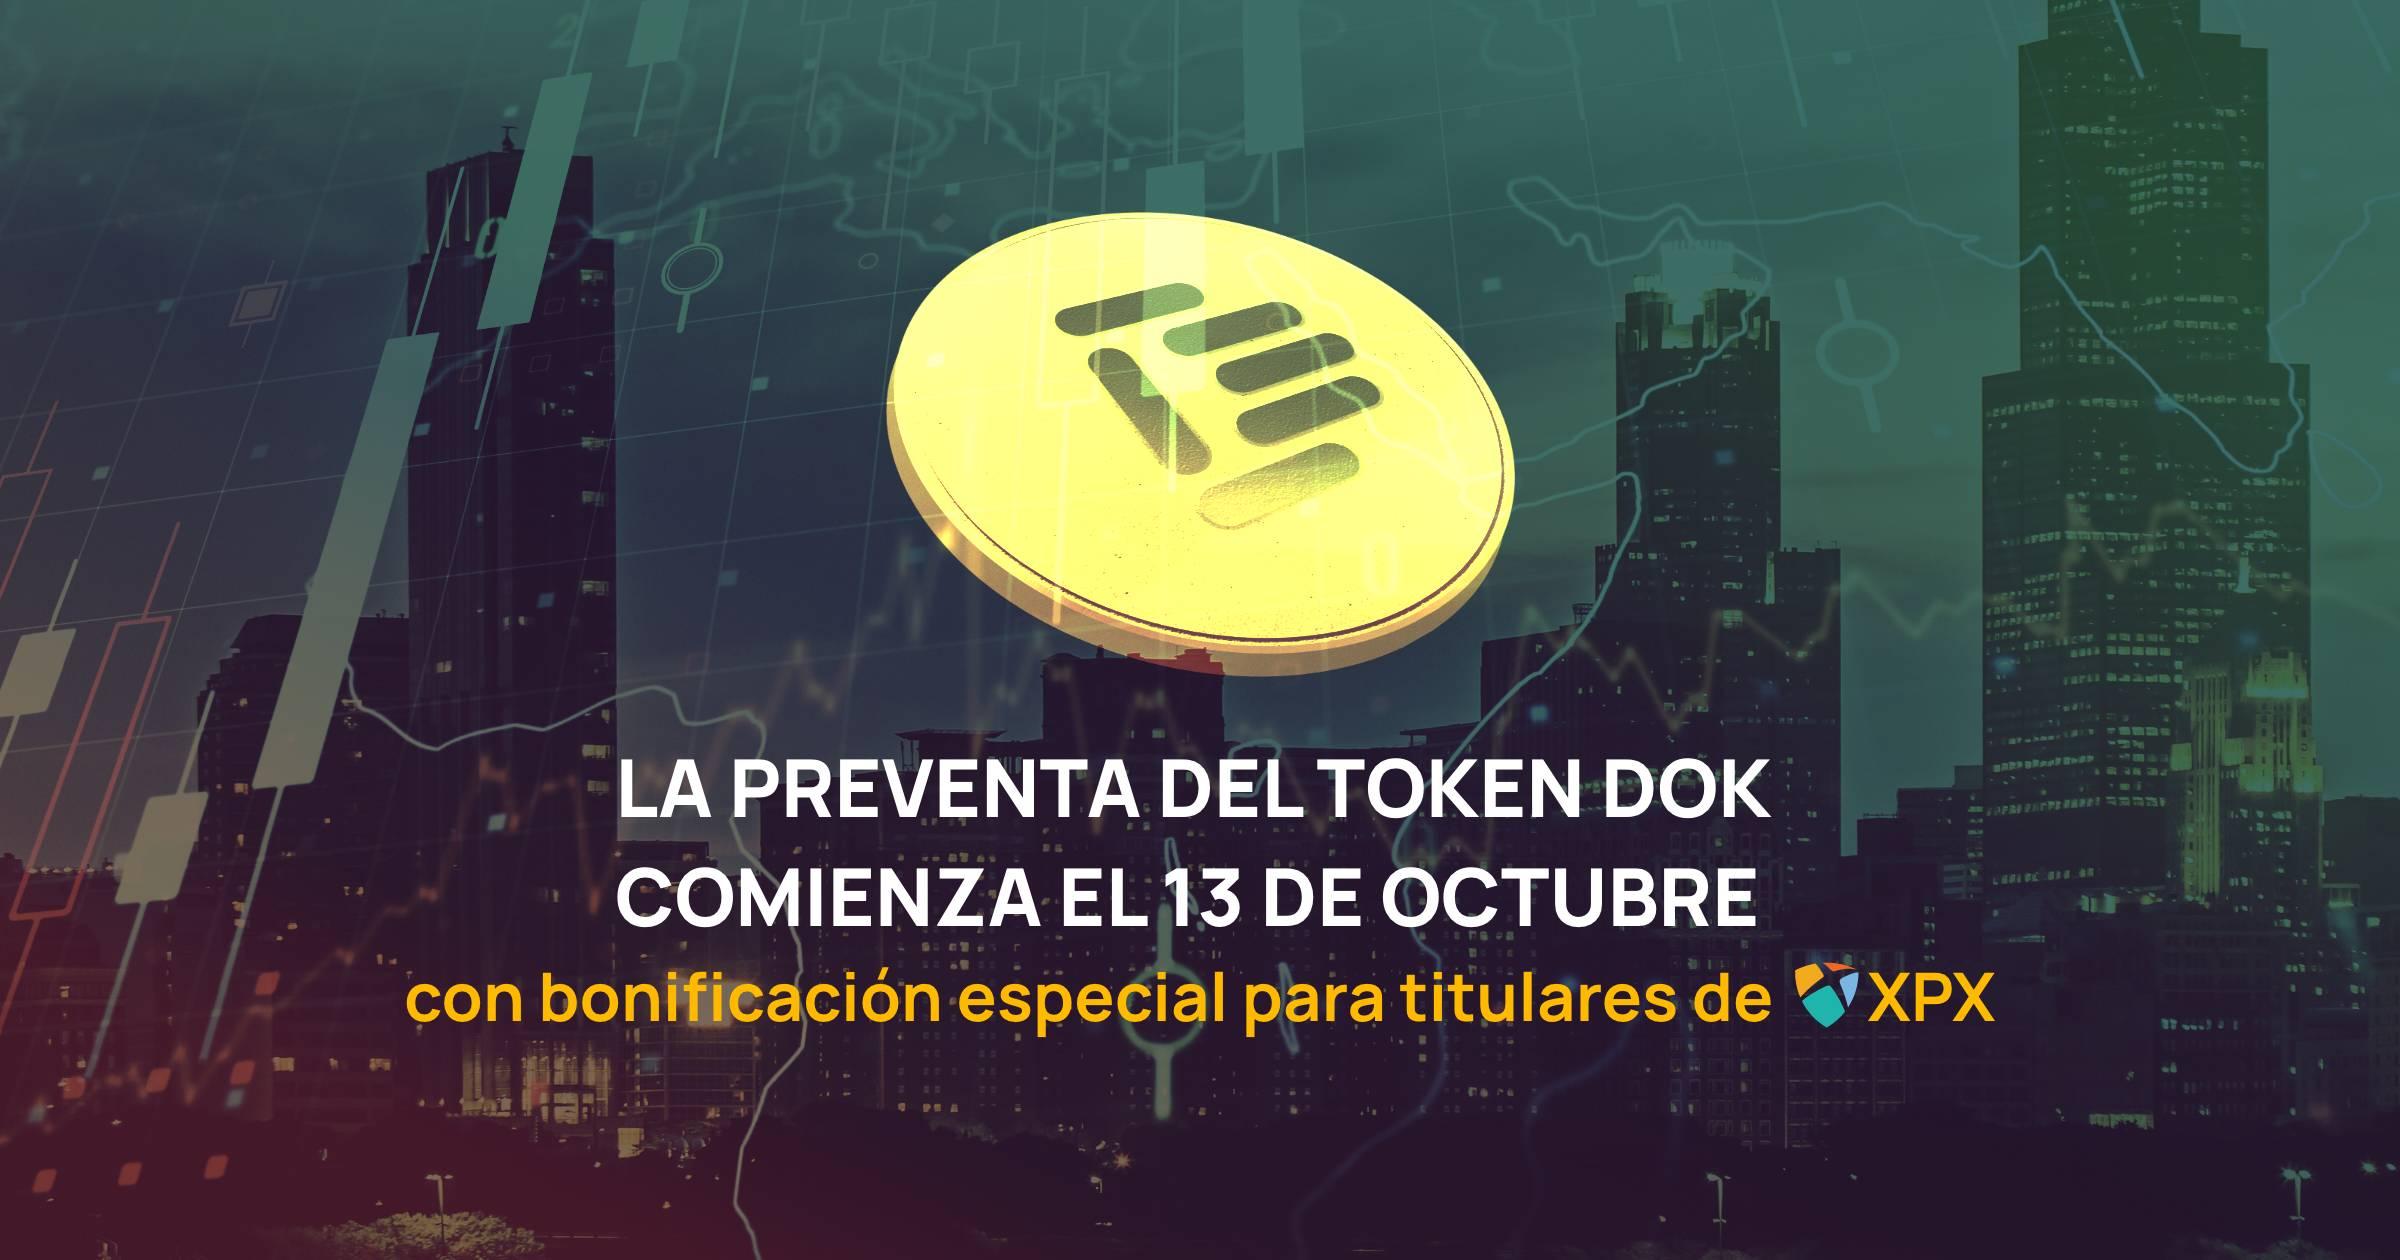 ¡Bonificación especial para los titulares de XPX en la preventa de Tokens DOK!